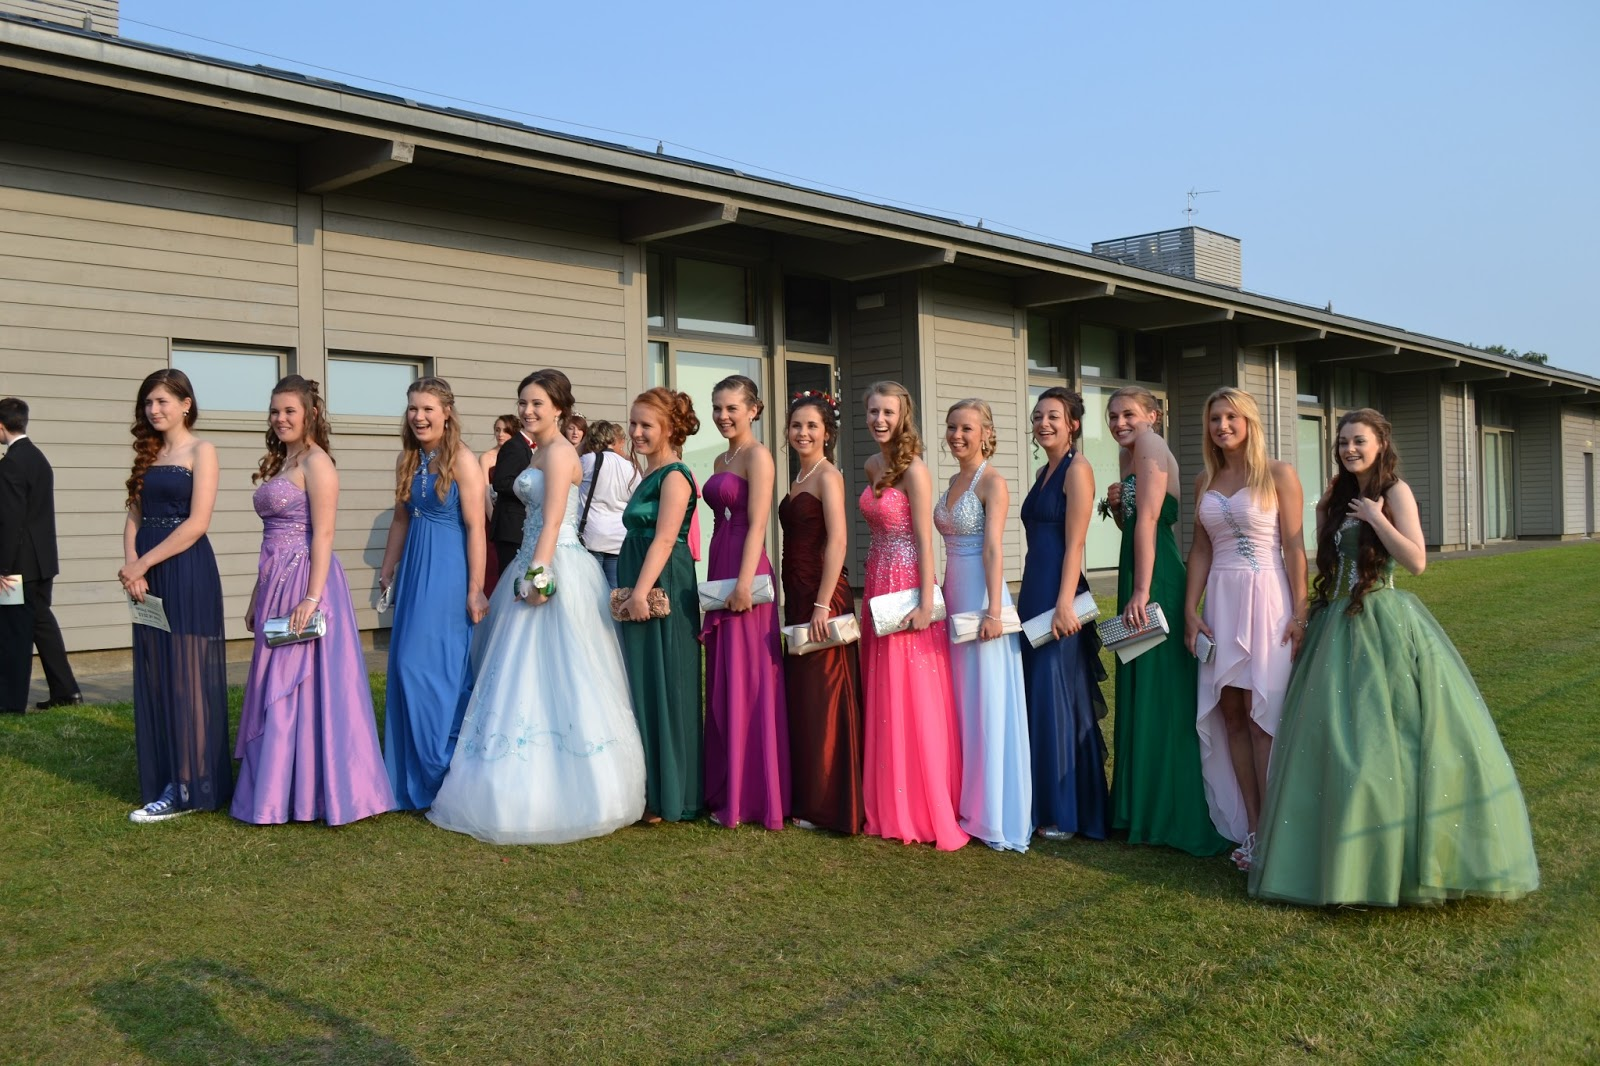 Erfreut Prom Kleider Tk Maxx Fotos - Hochzeit Kleid Stile Ideen ...